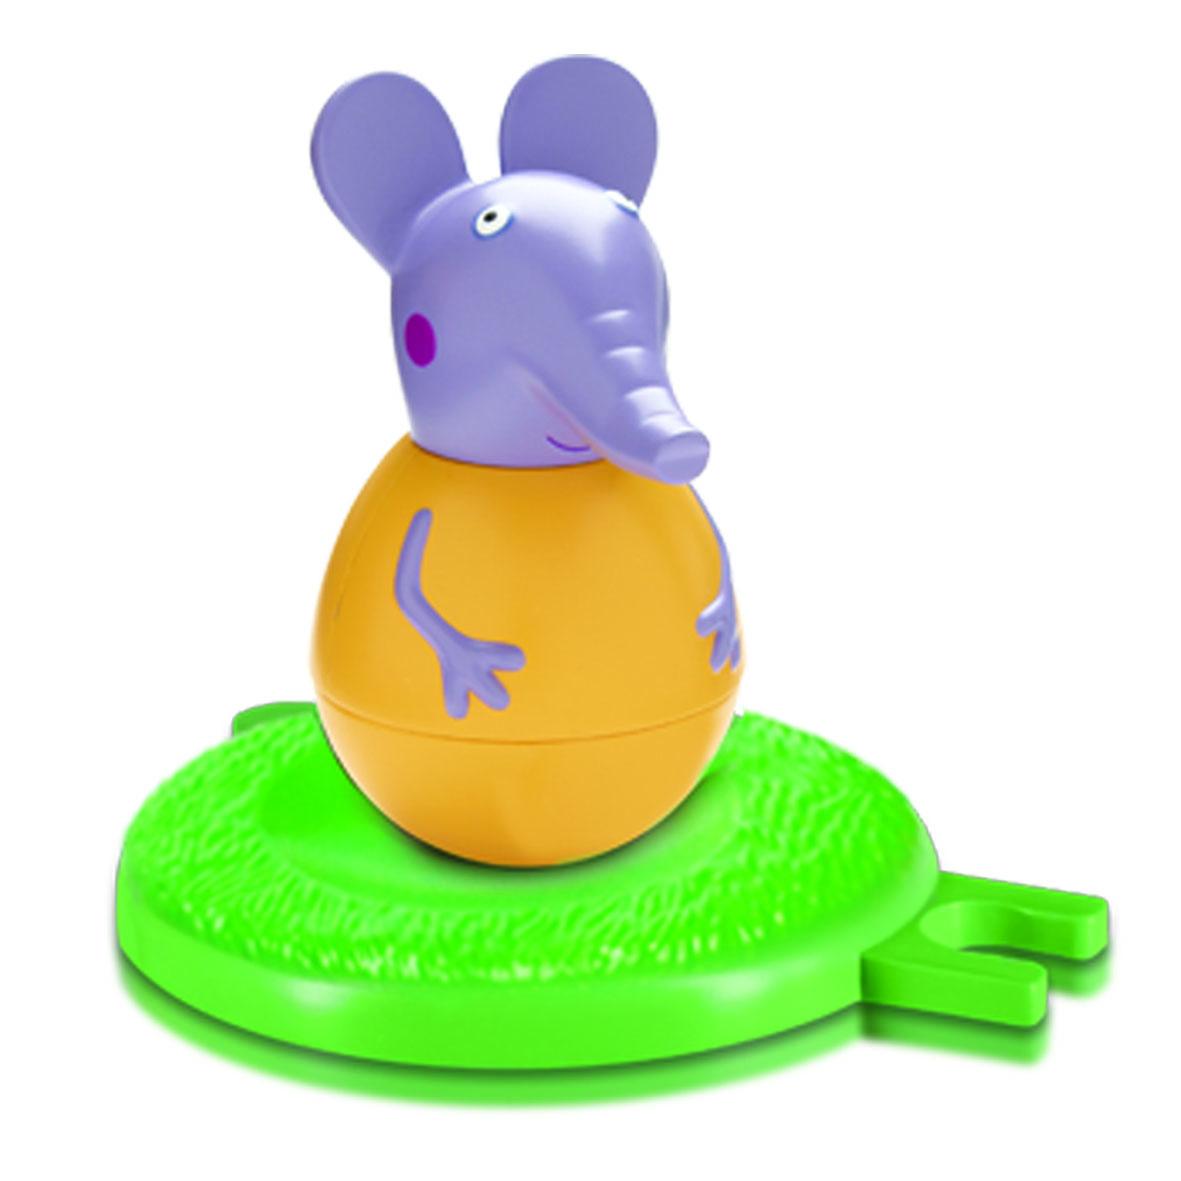 Купить Фигурка-неваляшка Weebles «слоник Эмили» тм Peppa Pig, Росмэн